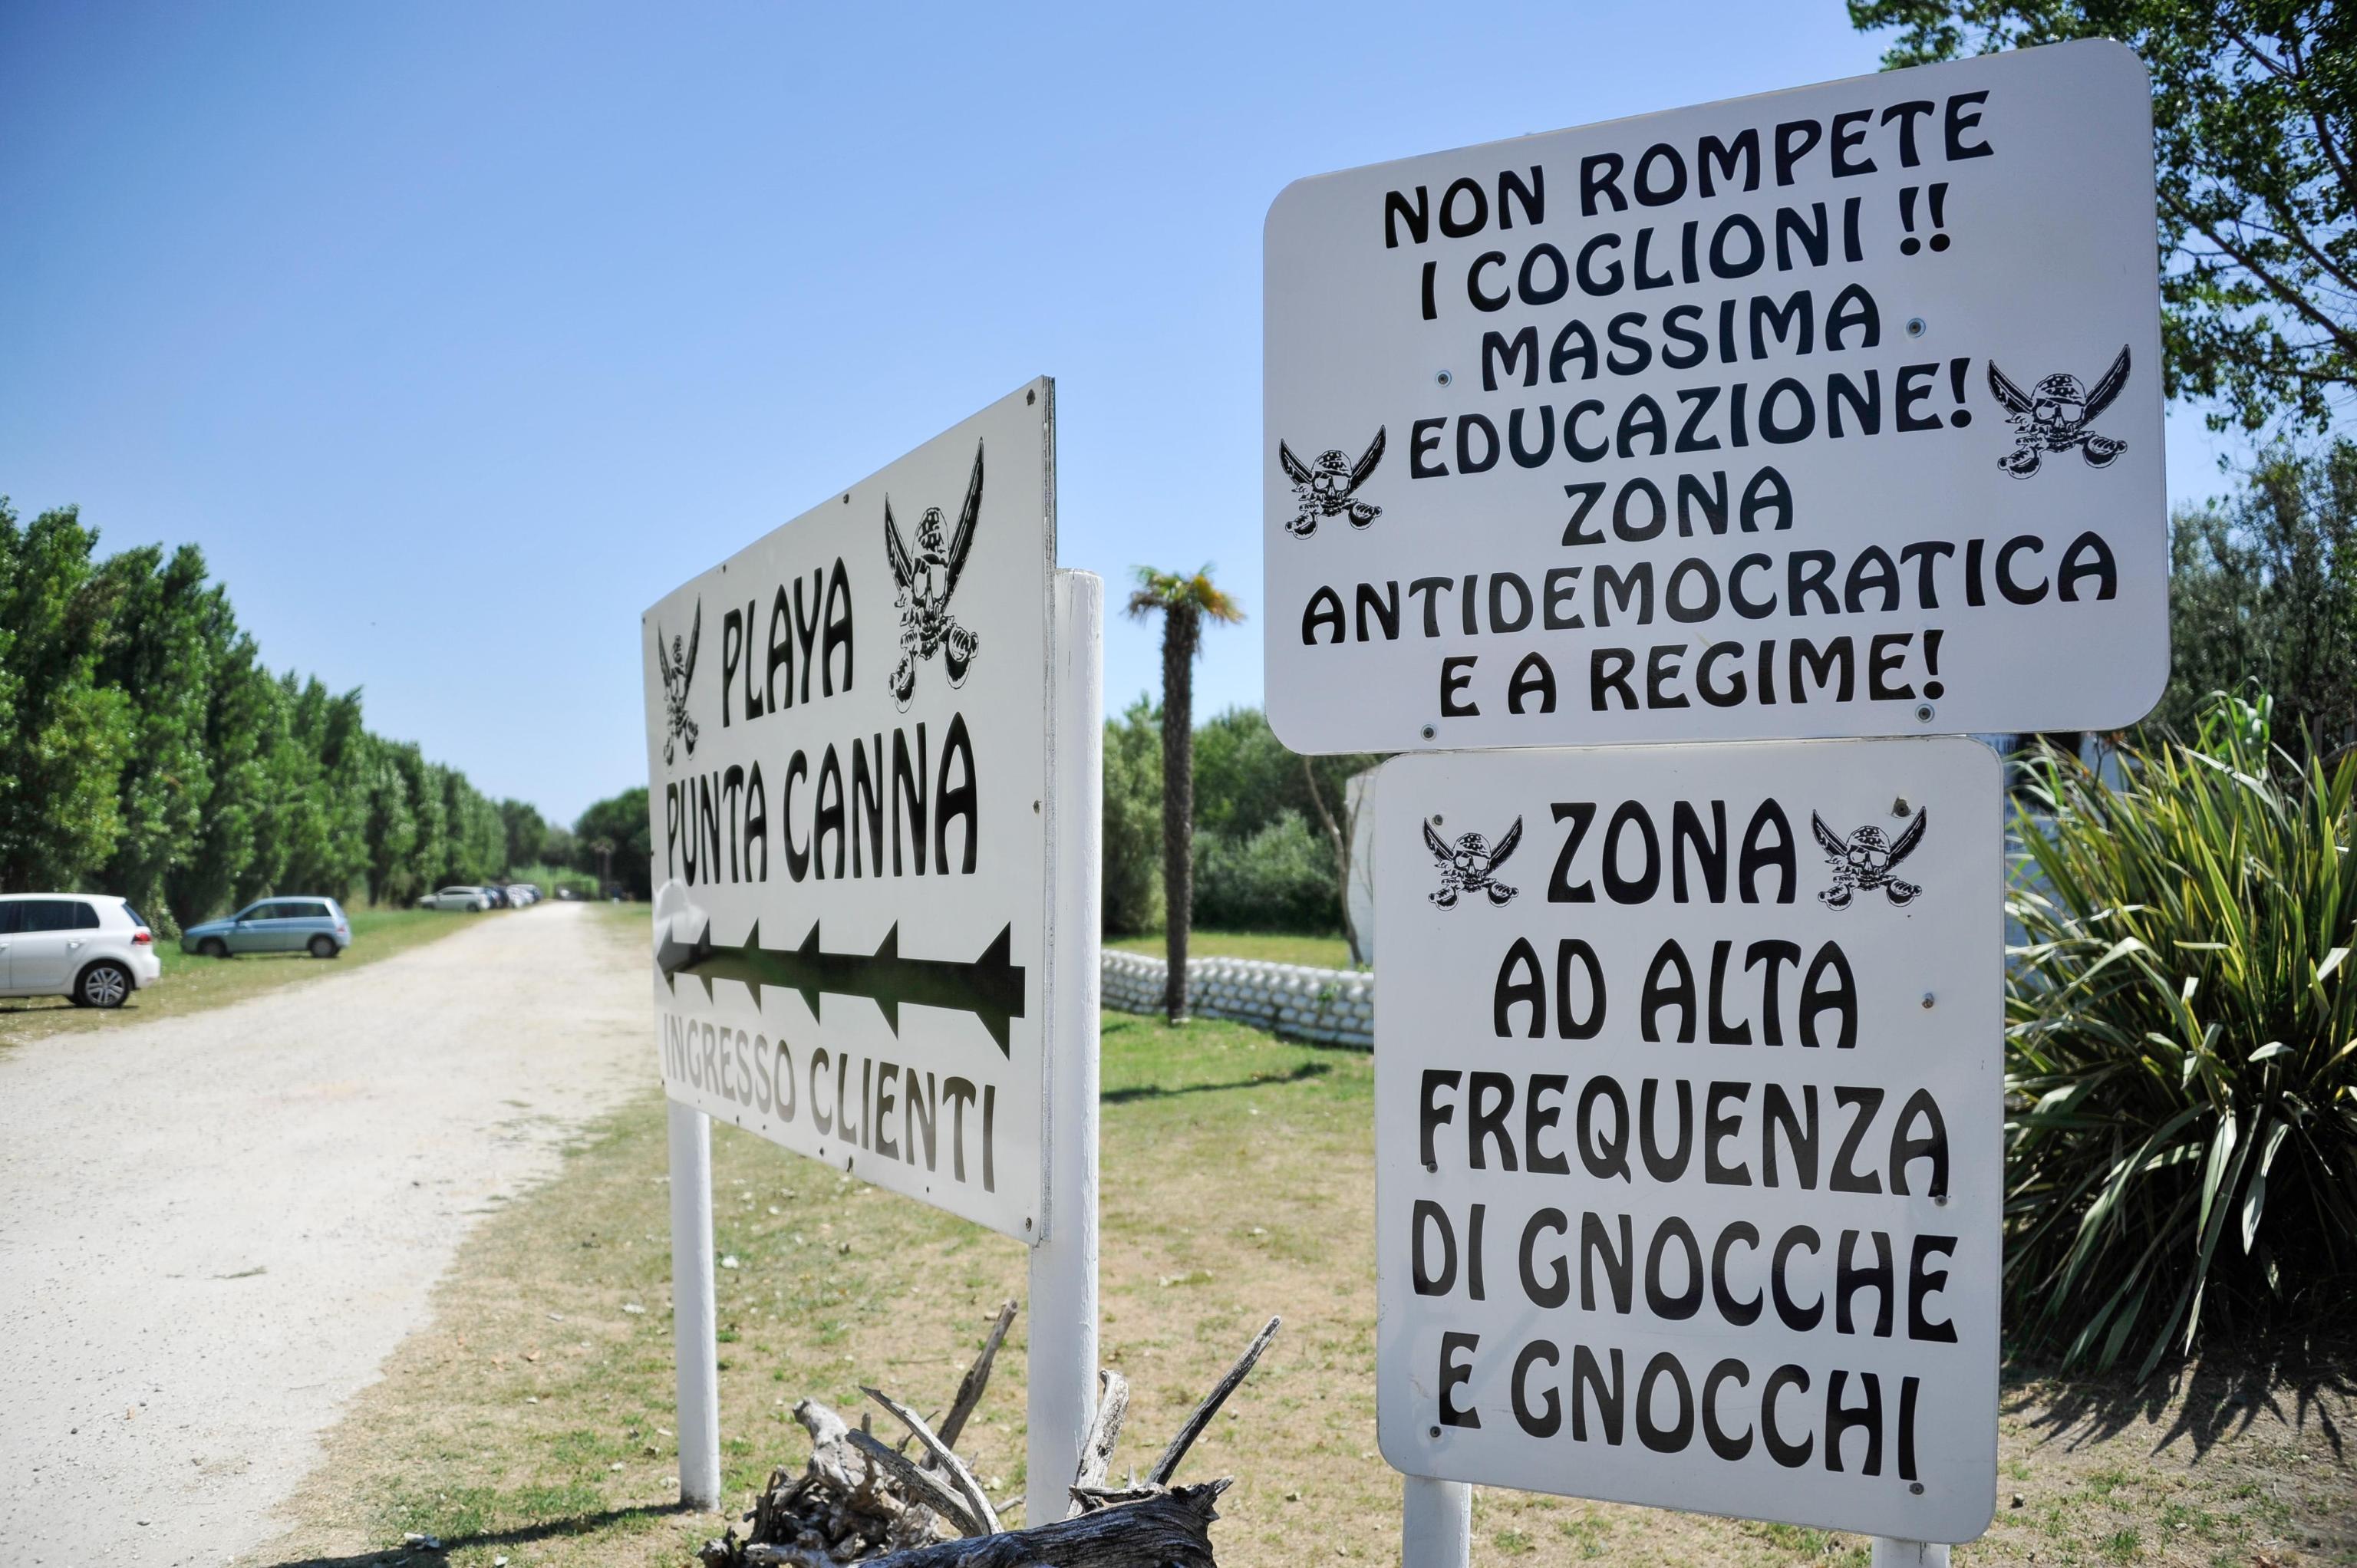 Beach venue near Venice told to remove pro Fascism material